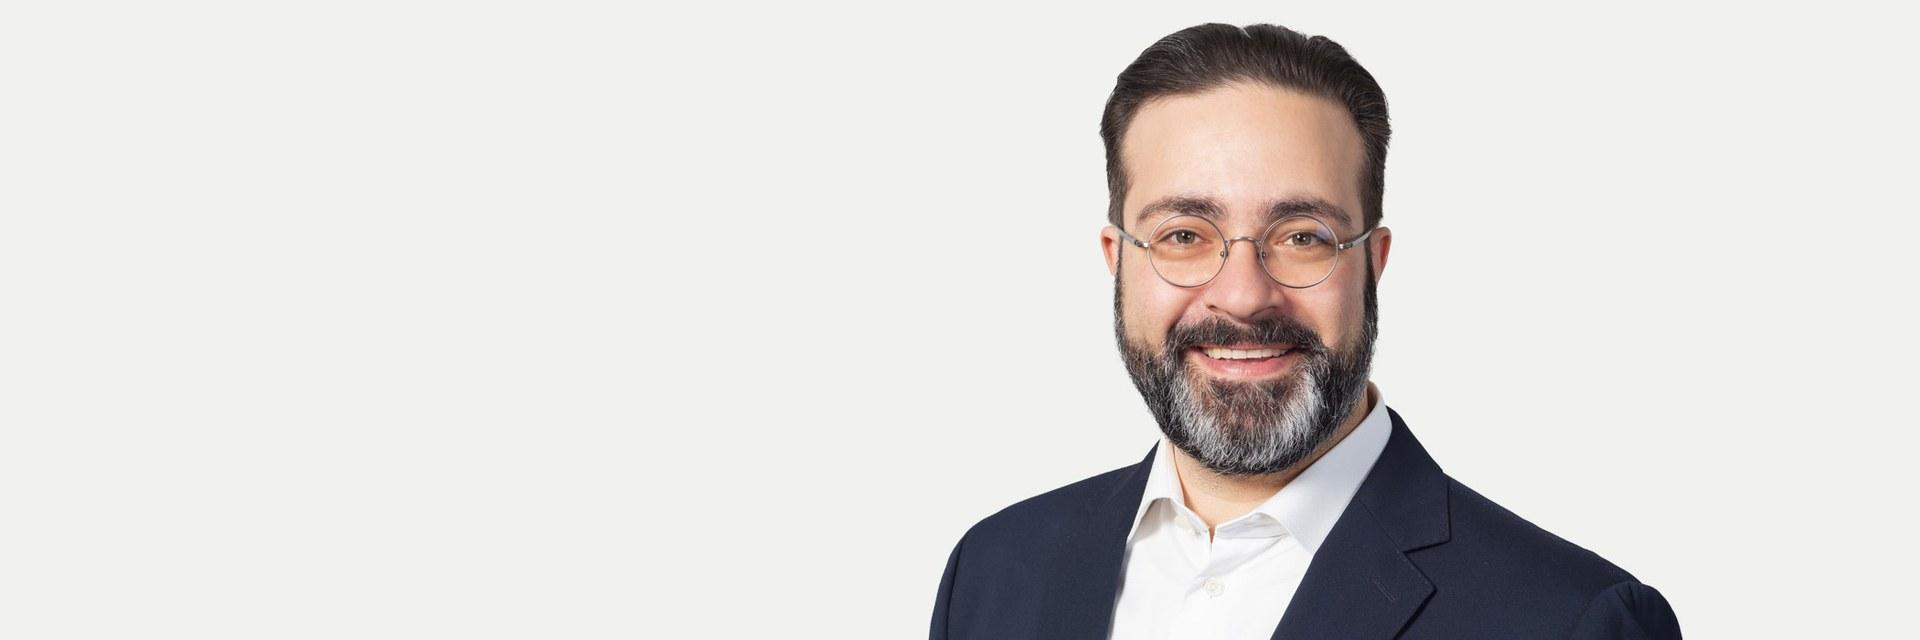 Dr. Maurizio Gullo